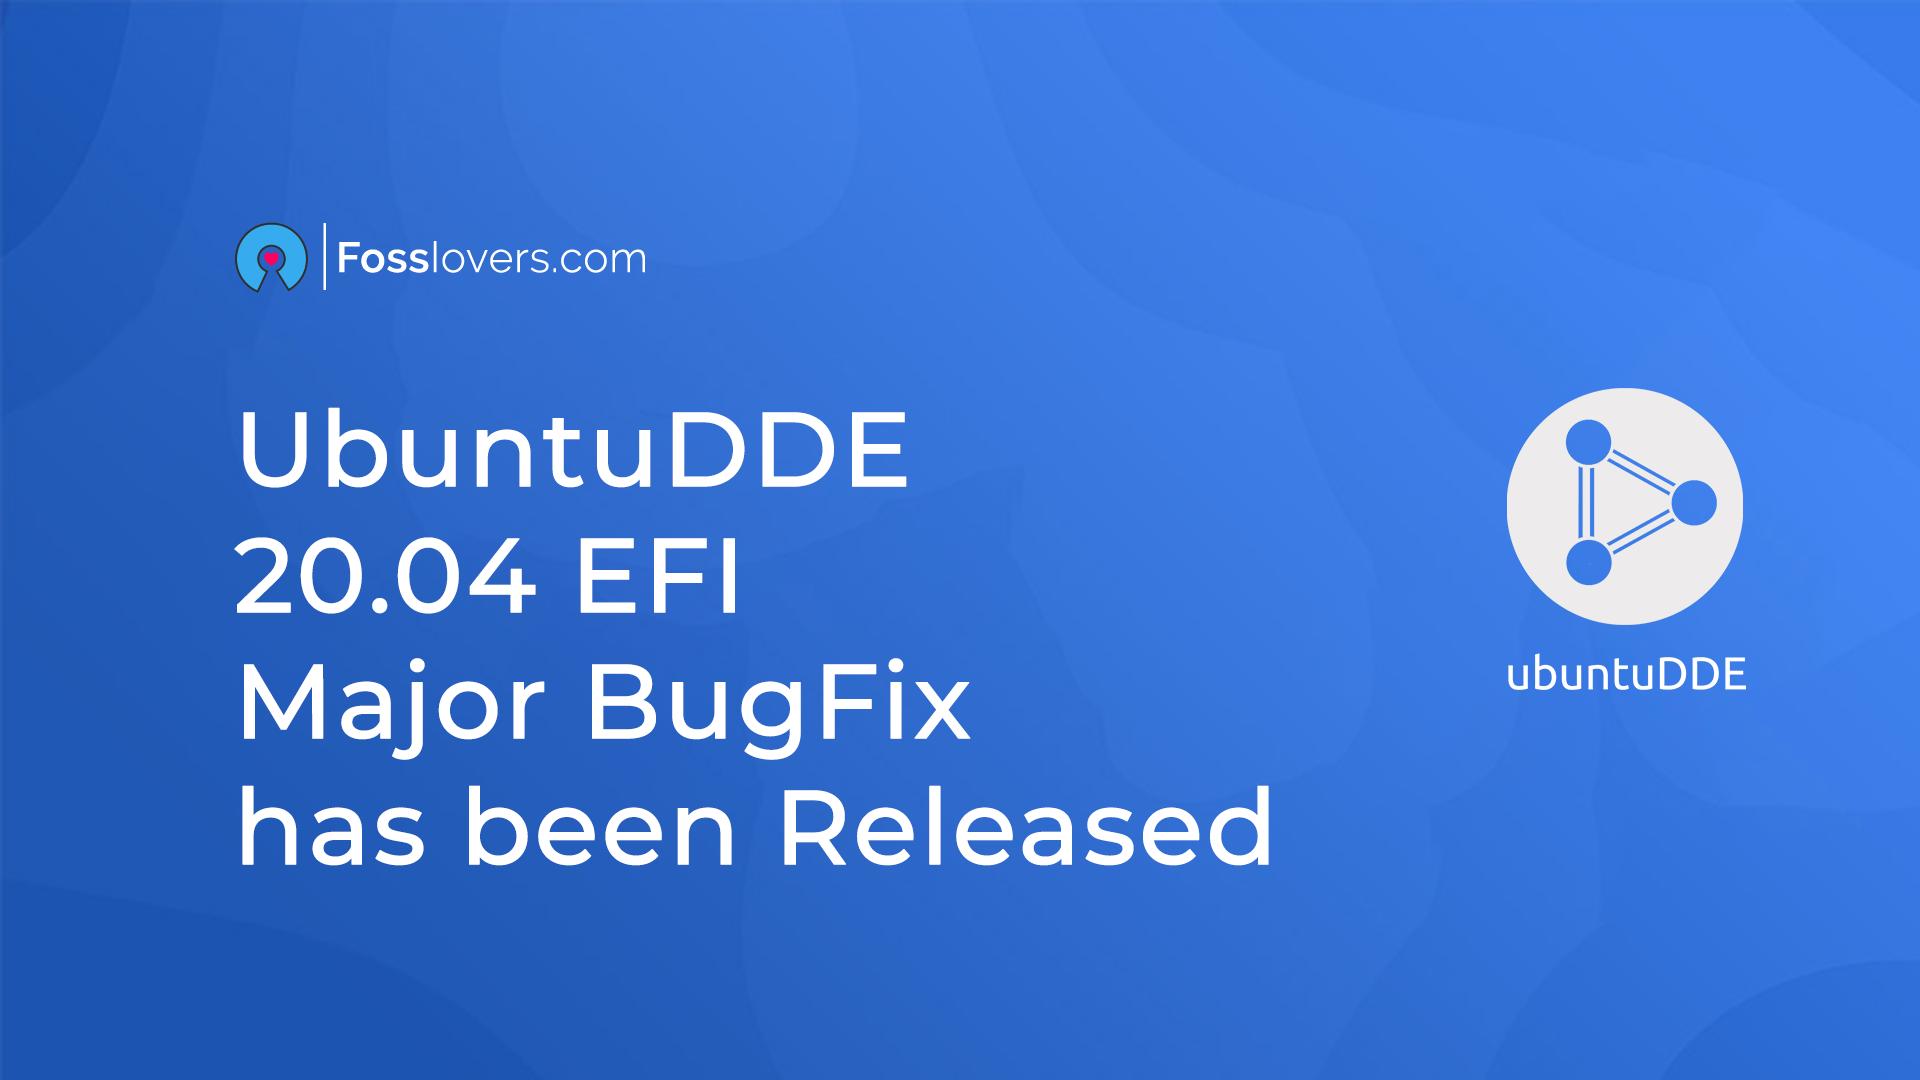 UbuntuDDE 20.04 EFI Major BugFix has been Released